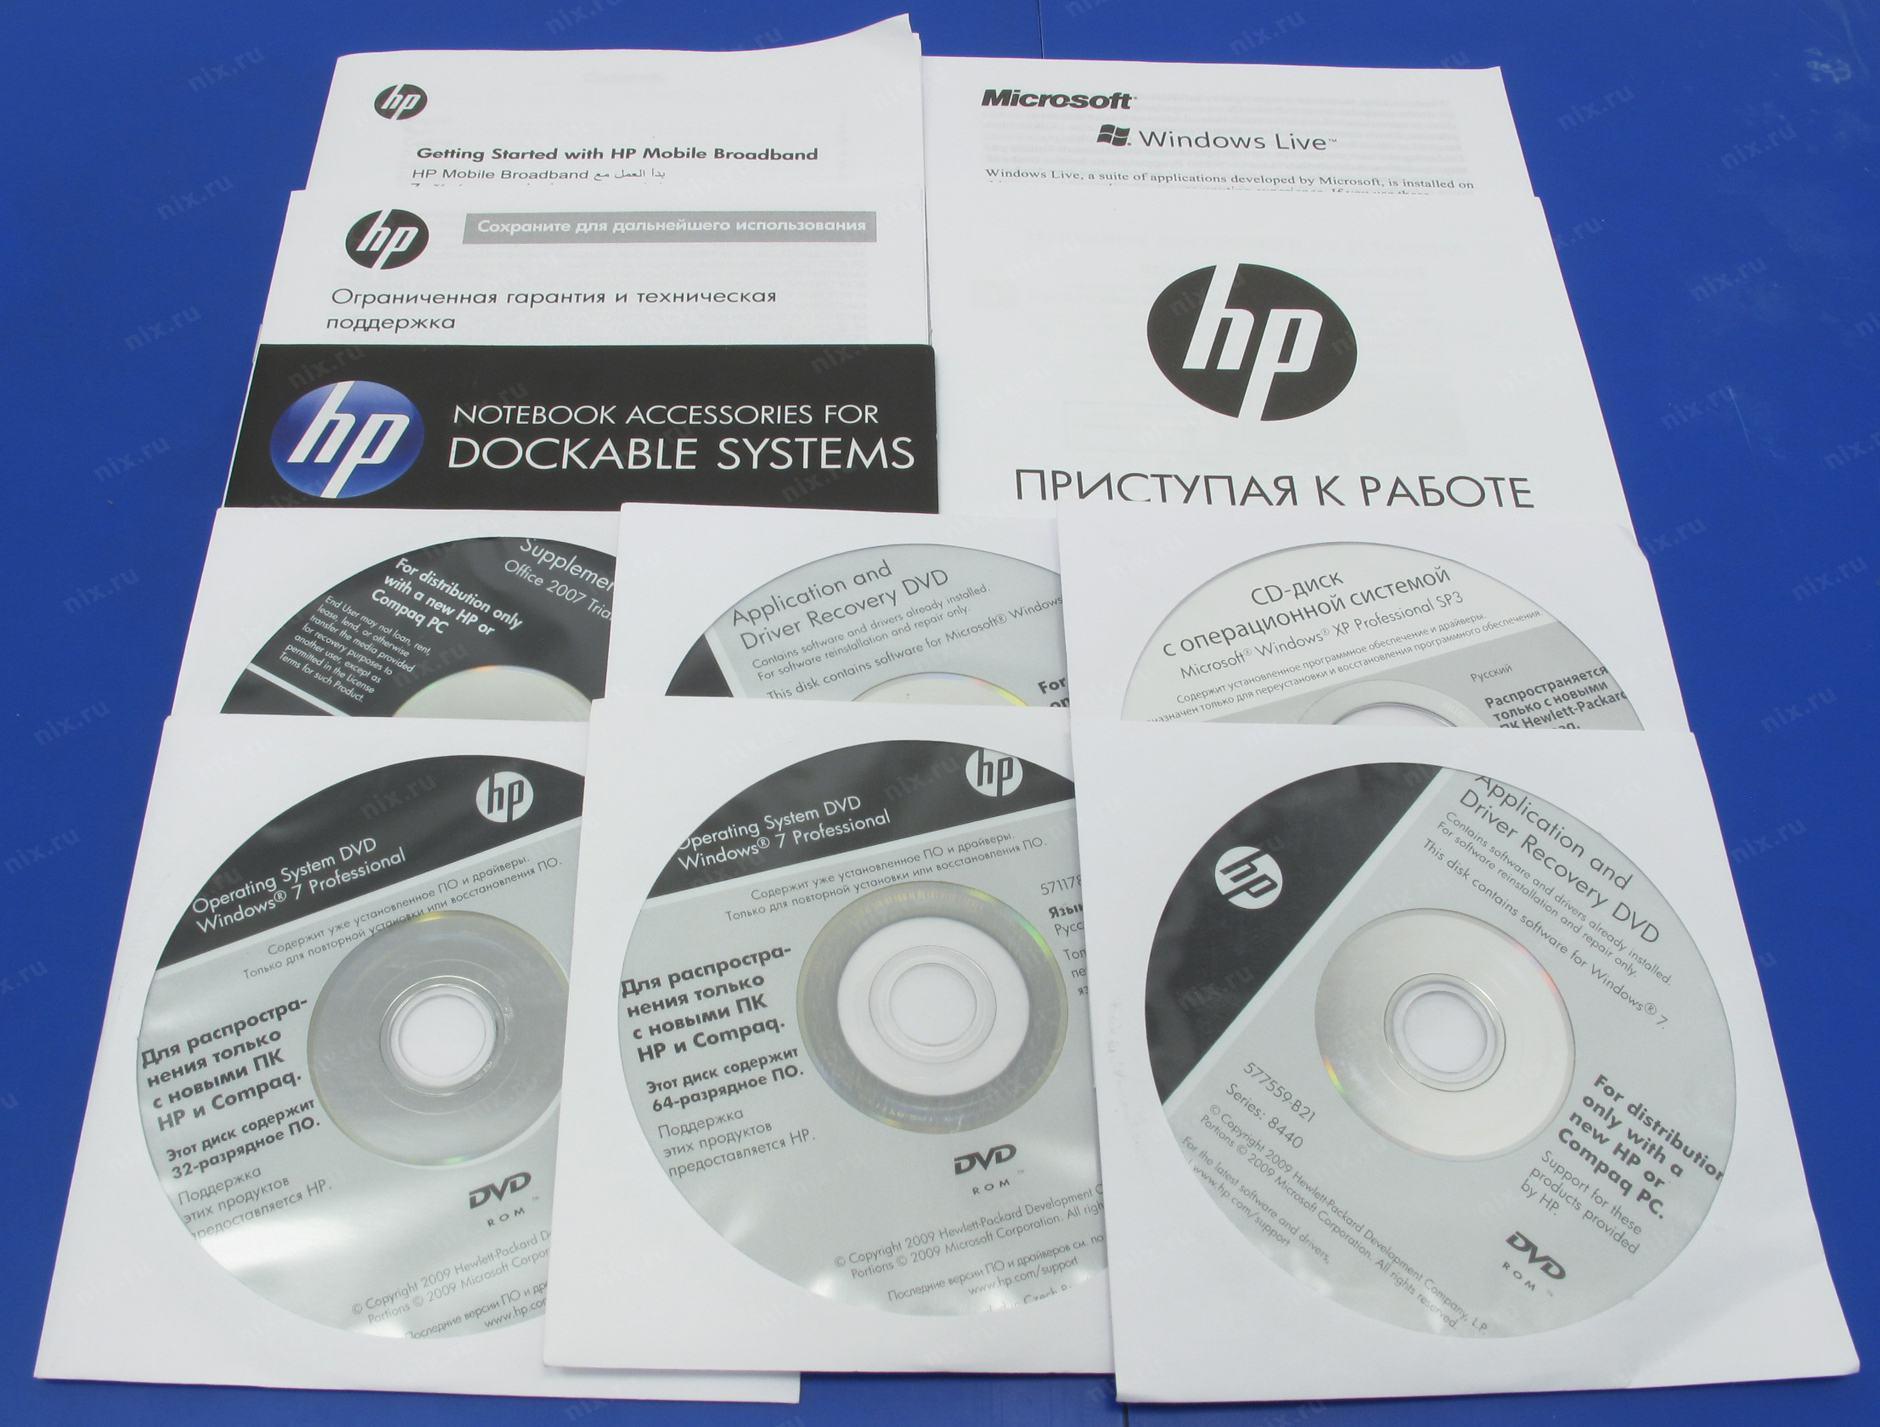 Ноутбук HP EliteBook 8440p — купить, цена и характеристики, отзывы